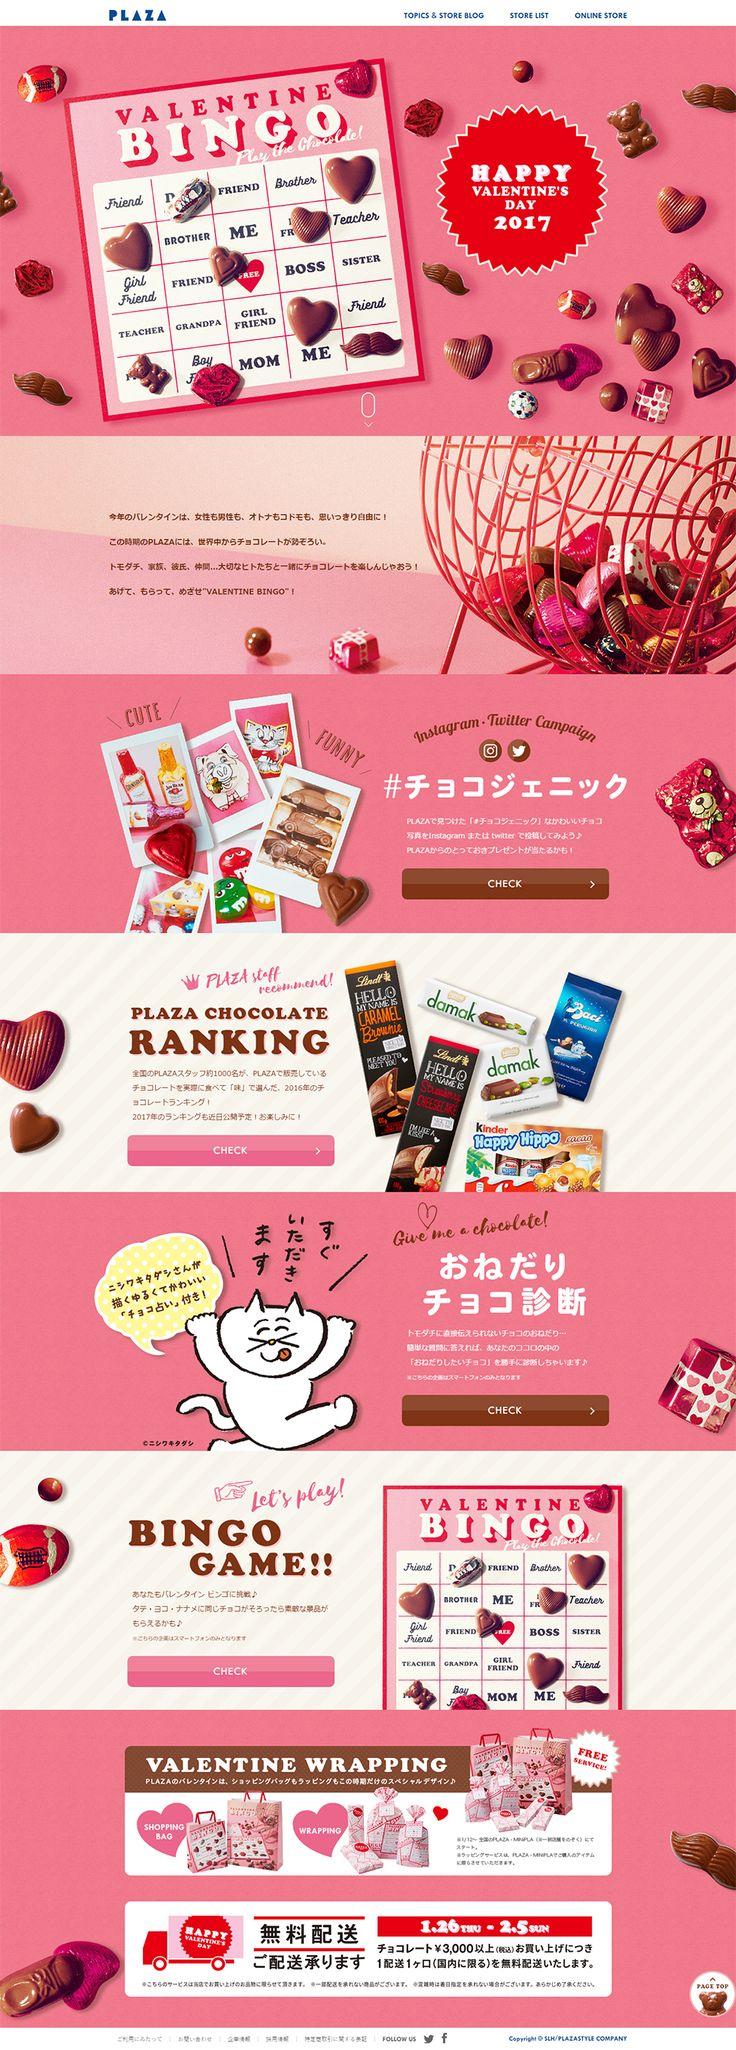 http://rdlp.jp/archives/otherdesign/lp/23454